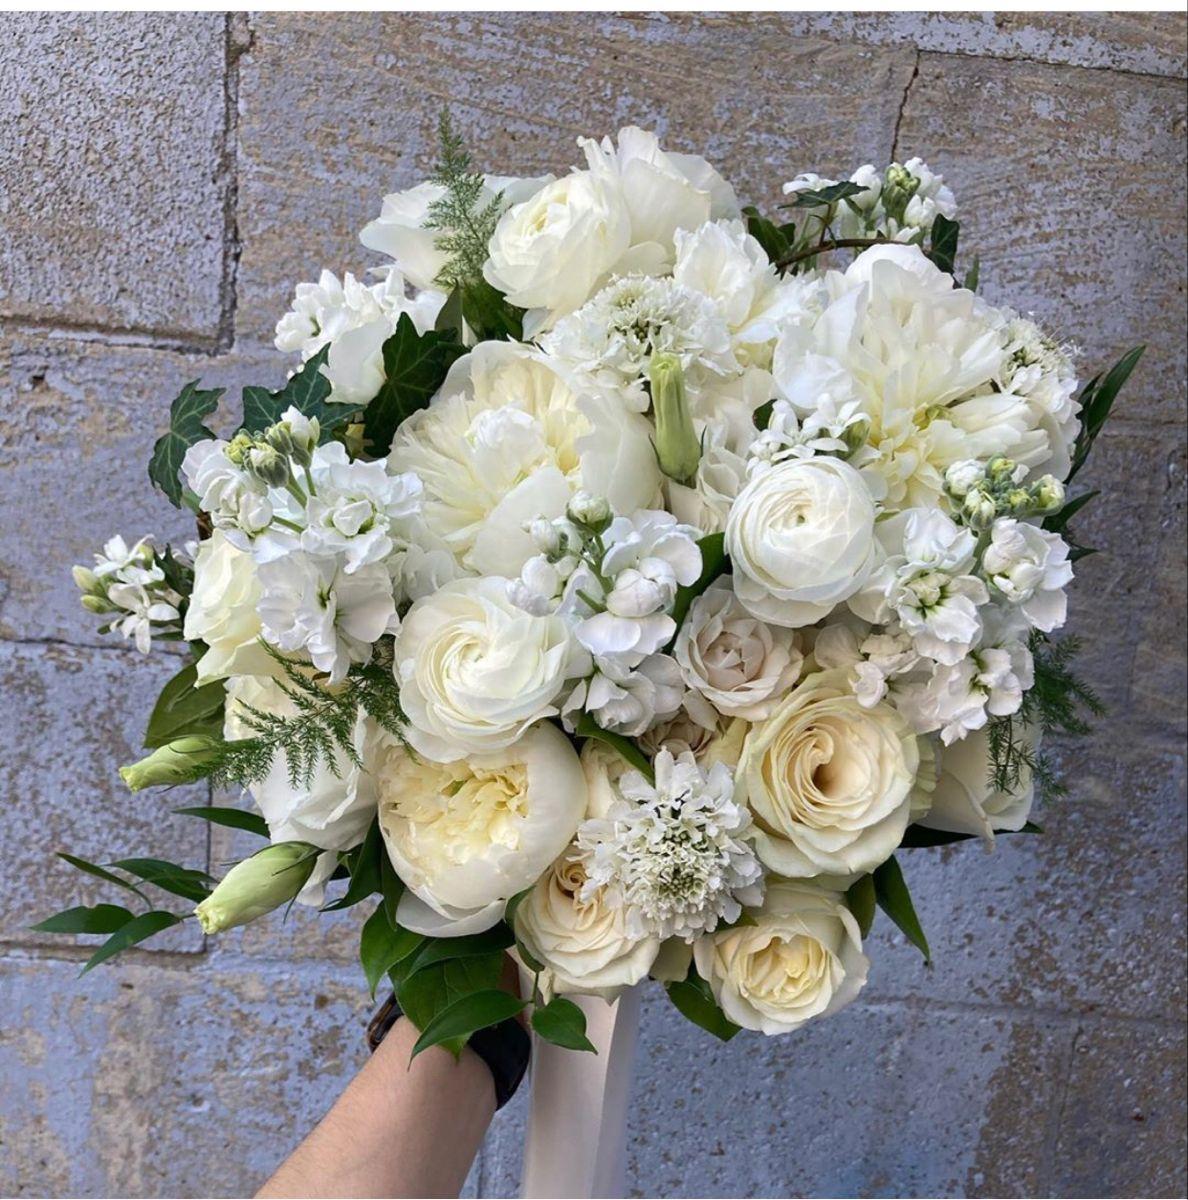 Buy Bulk White Lisianthus Flower At Wholesale Prices In 2020 Wedding Flowers Wholesale Flowers Lisianthus Flowers